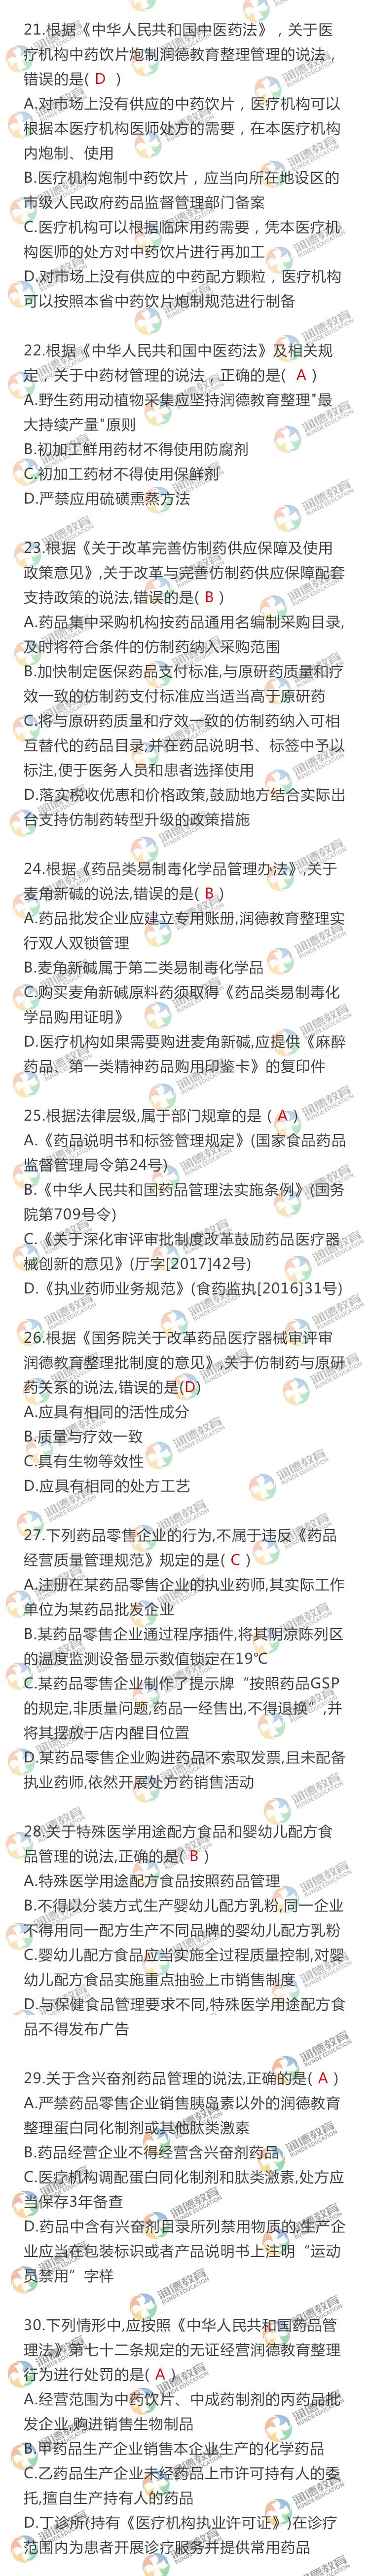 法规21-30.jpg